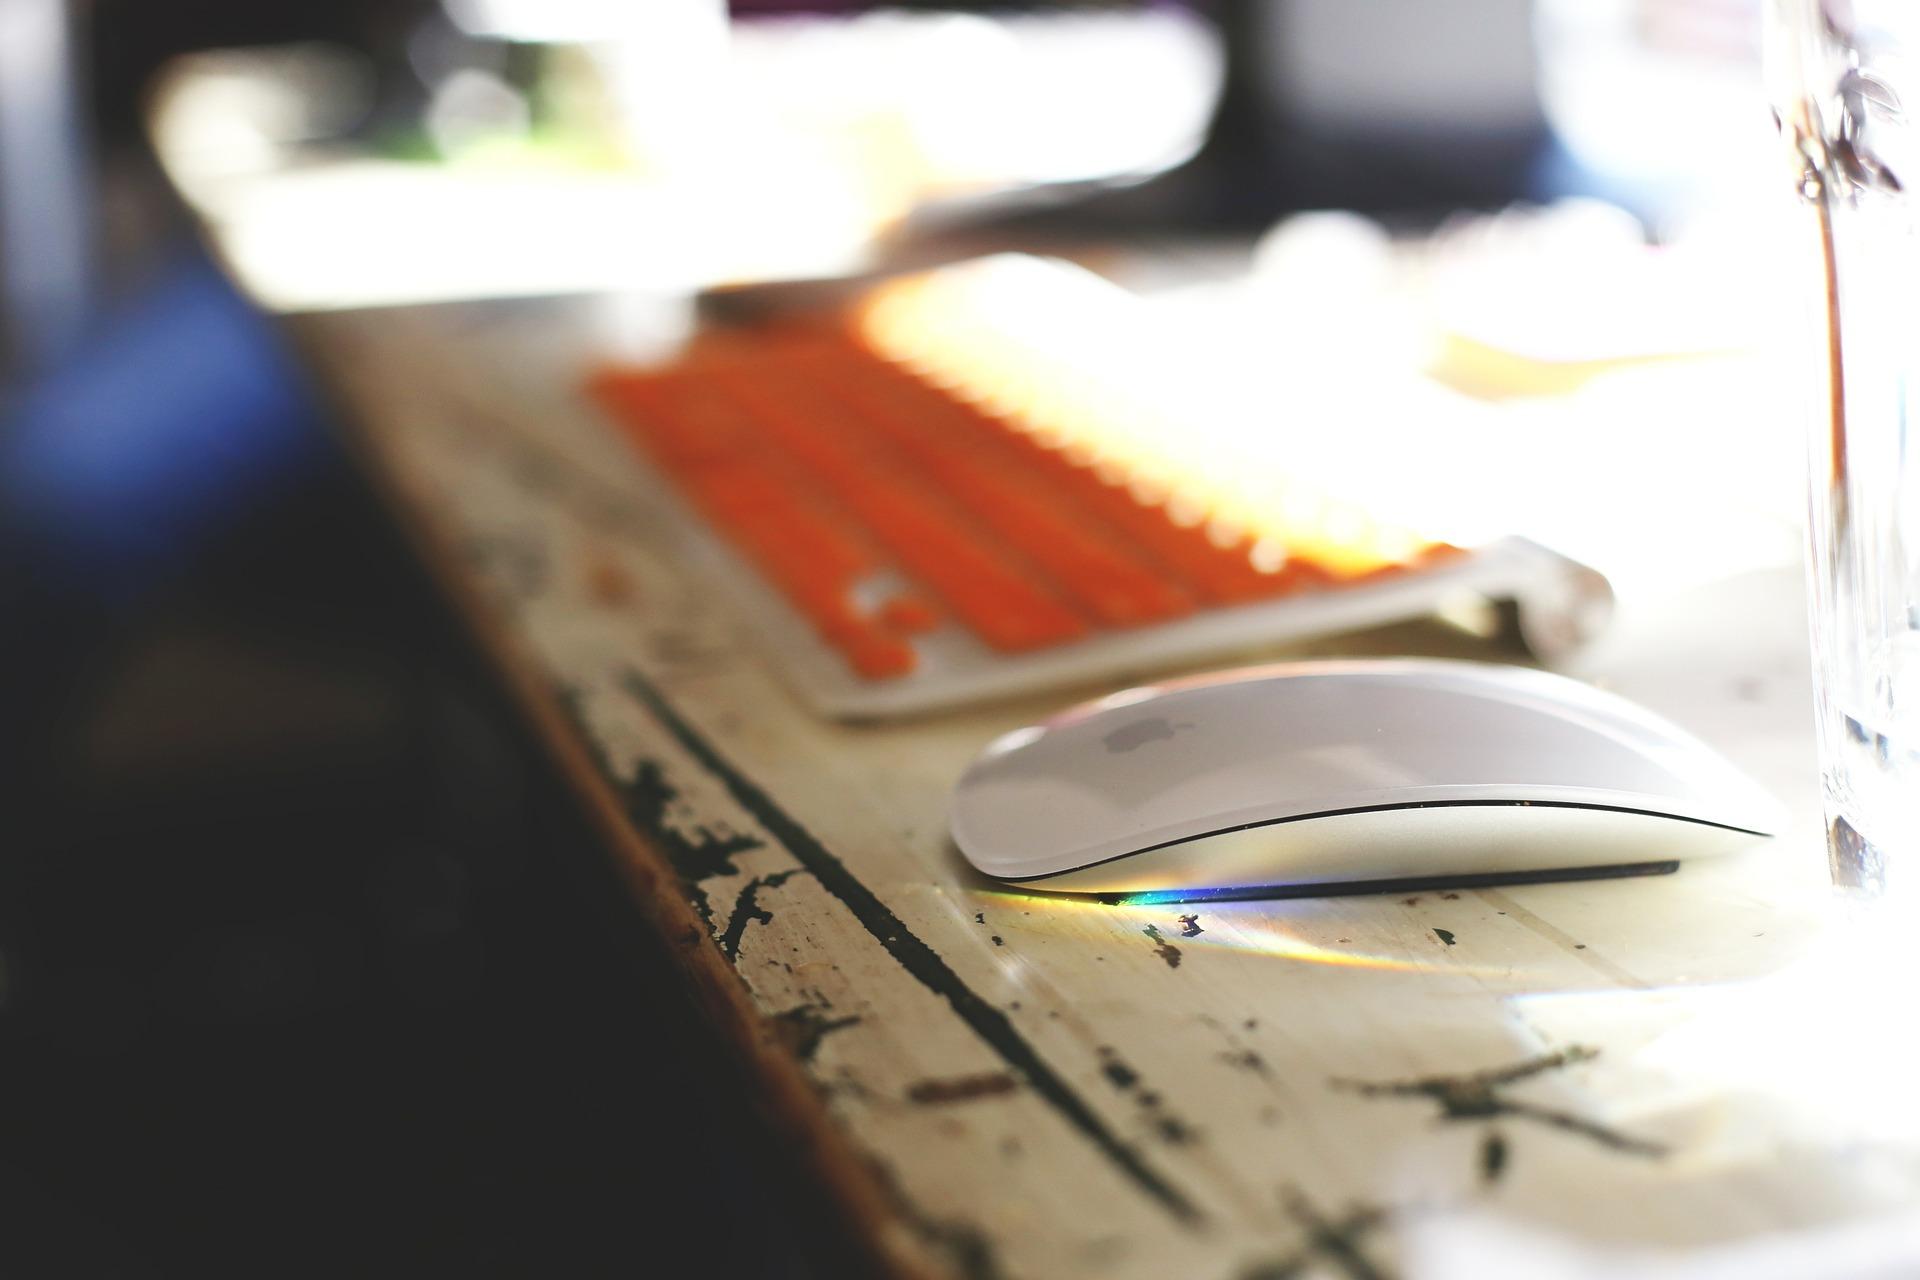 start up desk